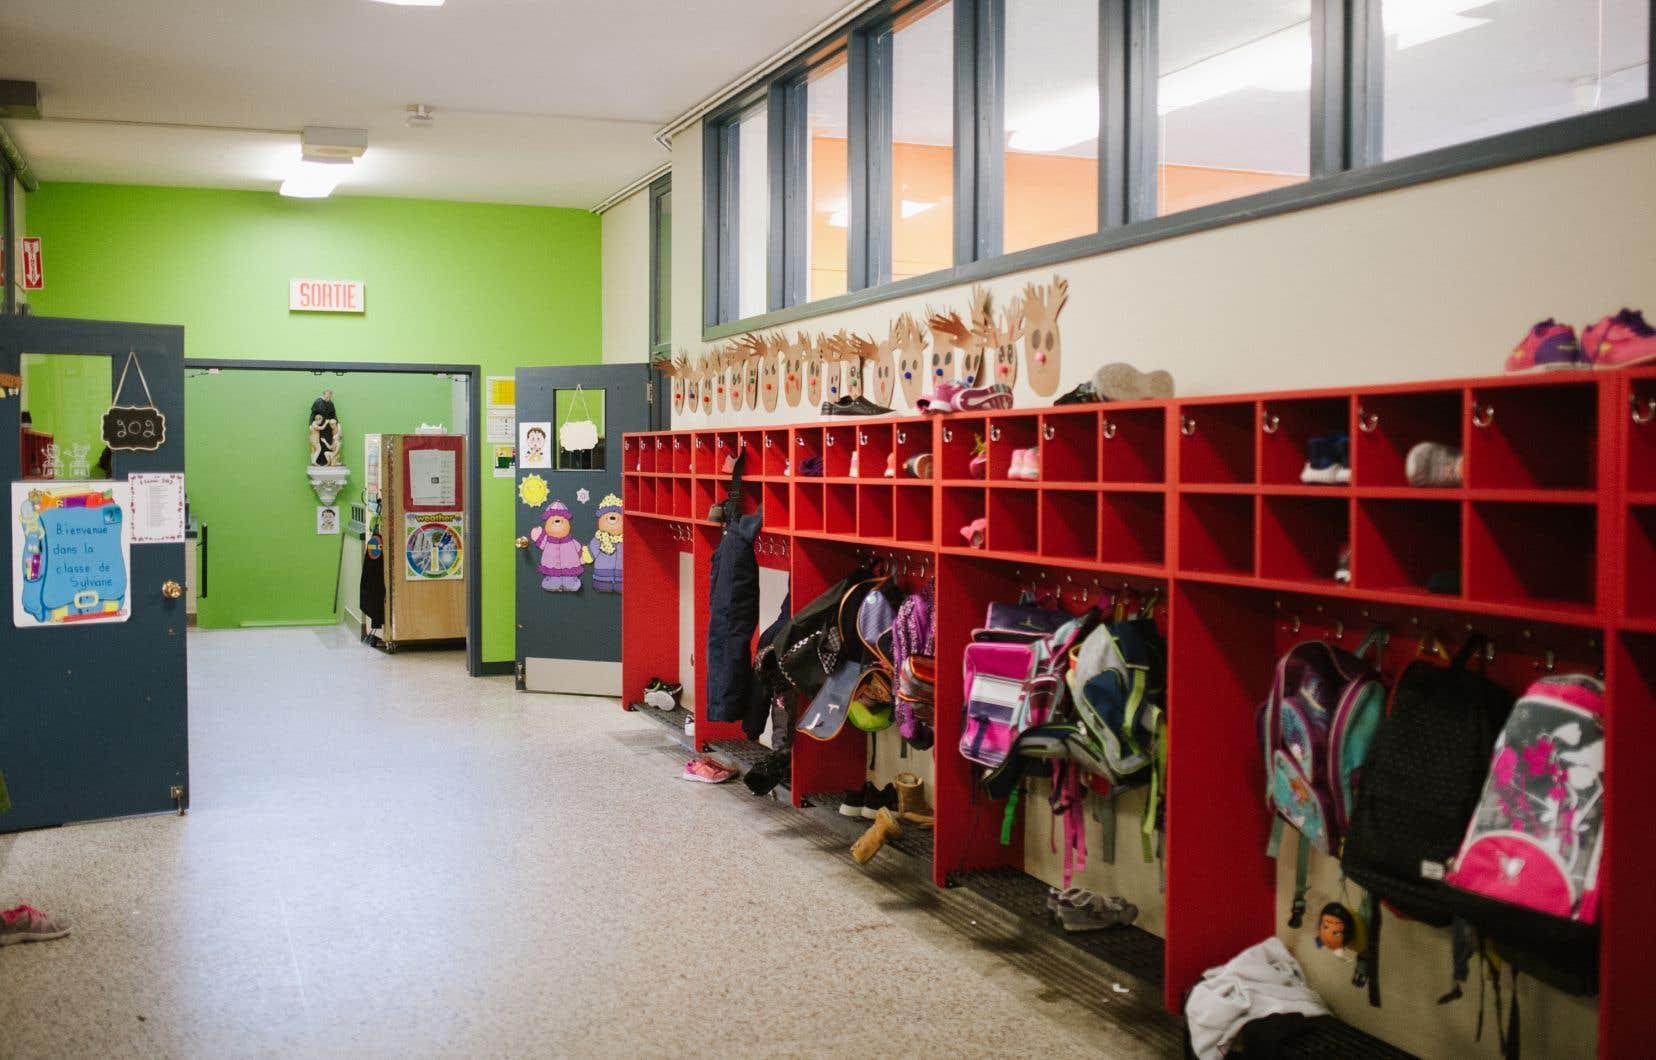 Selon le président de la Fédération québécoise des directions d'établissement d'enseignement, Nicolas Prévost, l'impact de la fermeture des écoles au printemps se fait sentir depuis le début de l'année et il serait judicieux de prévoir des ajustements en vue de la prochaine rentrée.